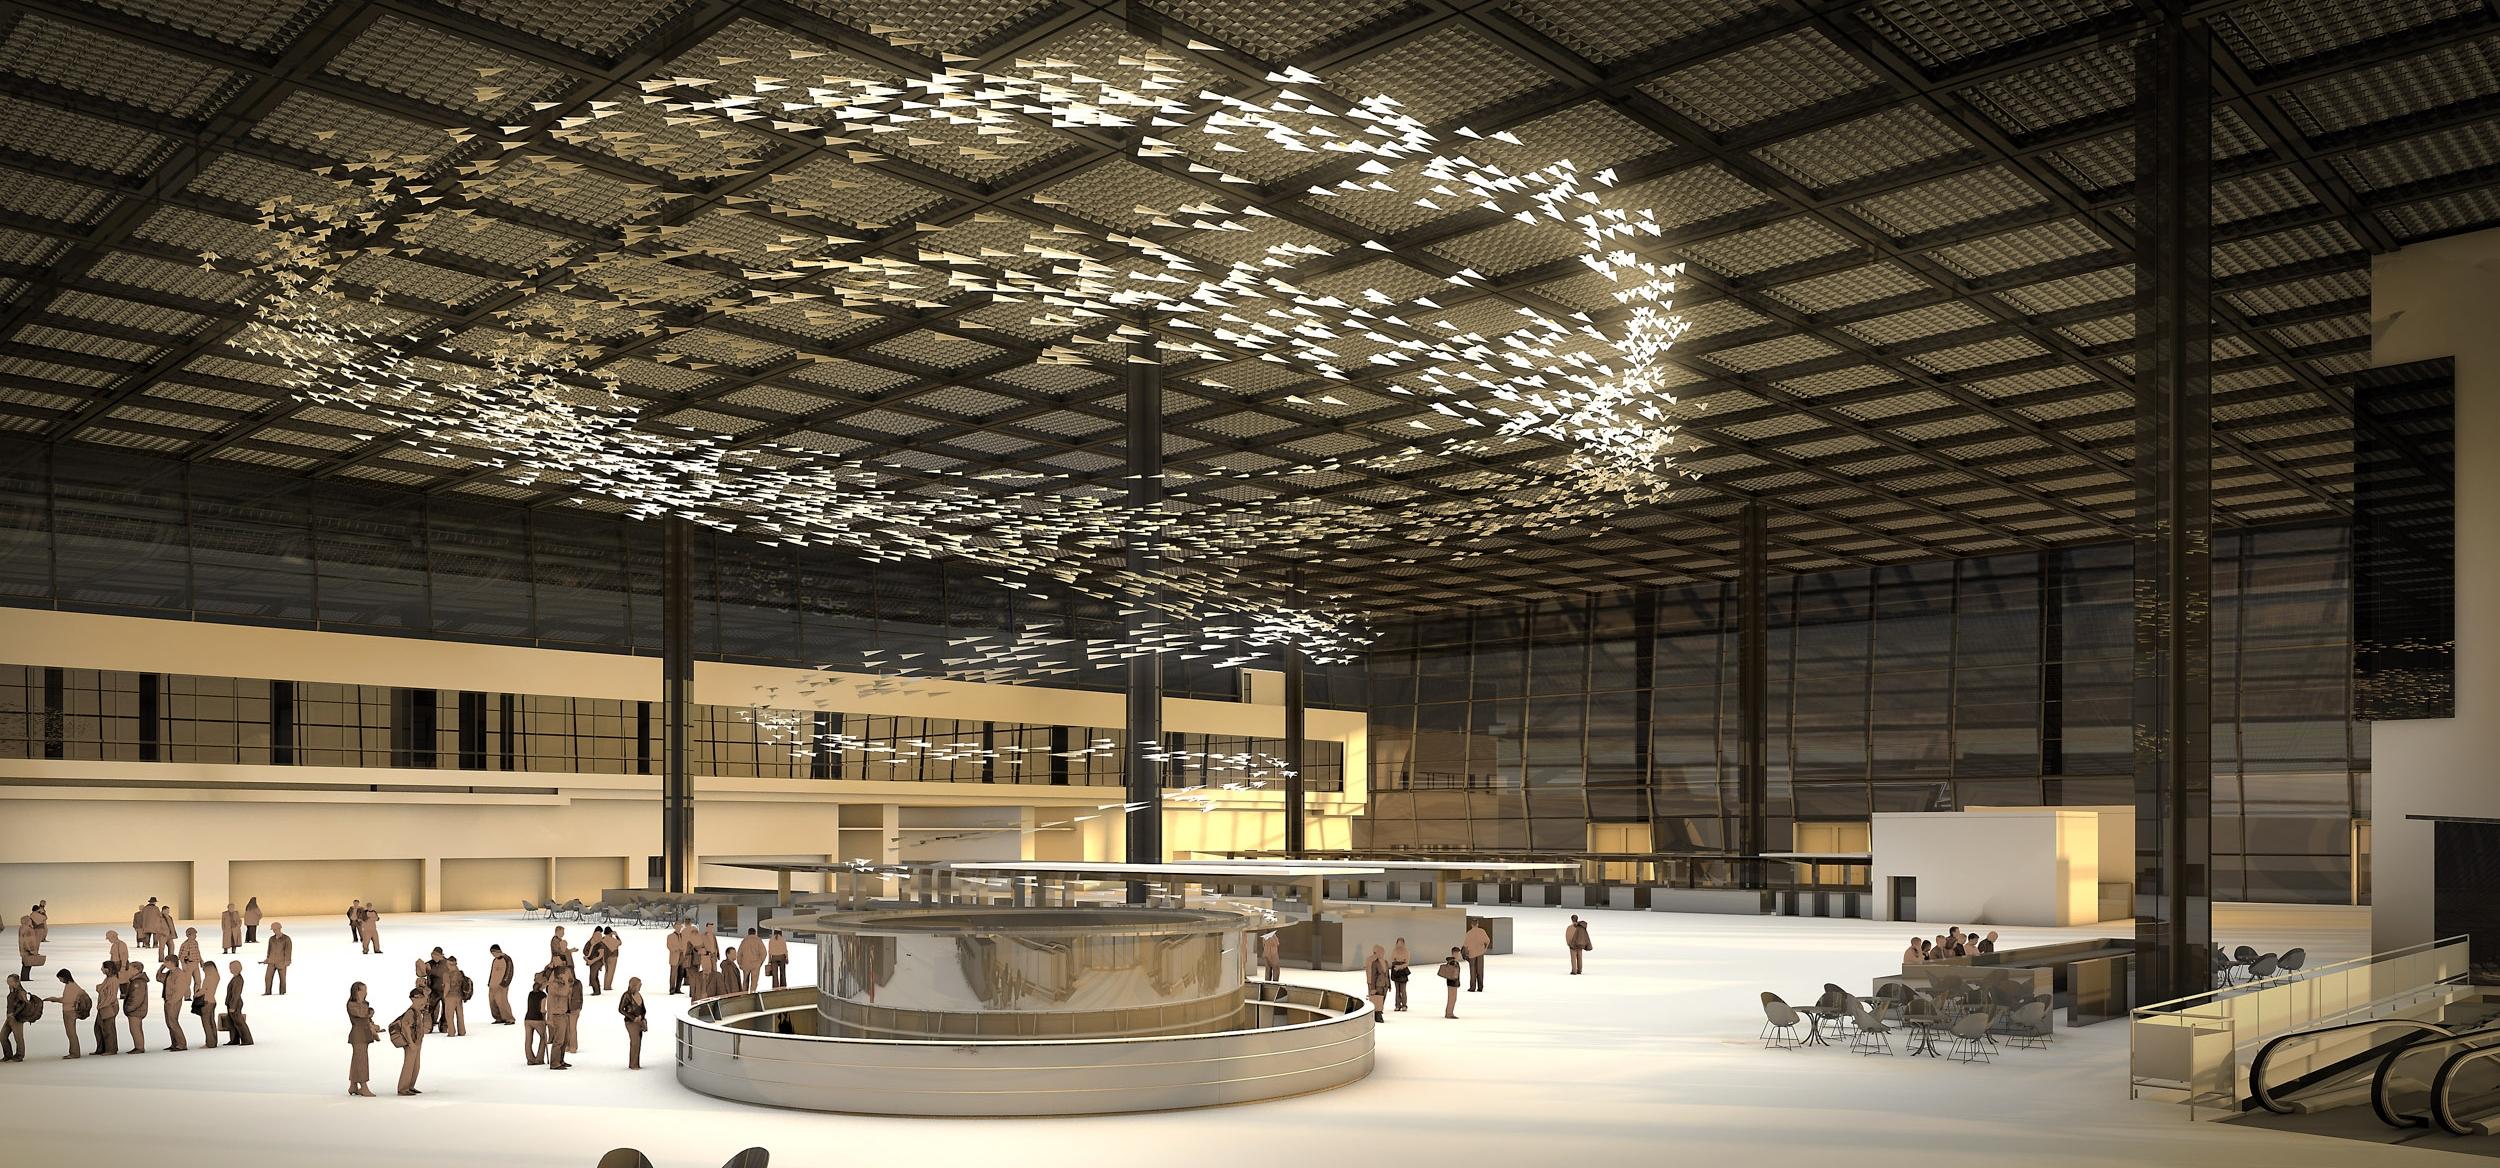 Entwurf-Flughafen-Empfang-Konzept-Gestaltung-Skulptur.jpg